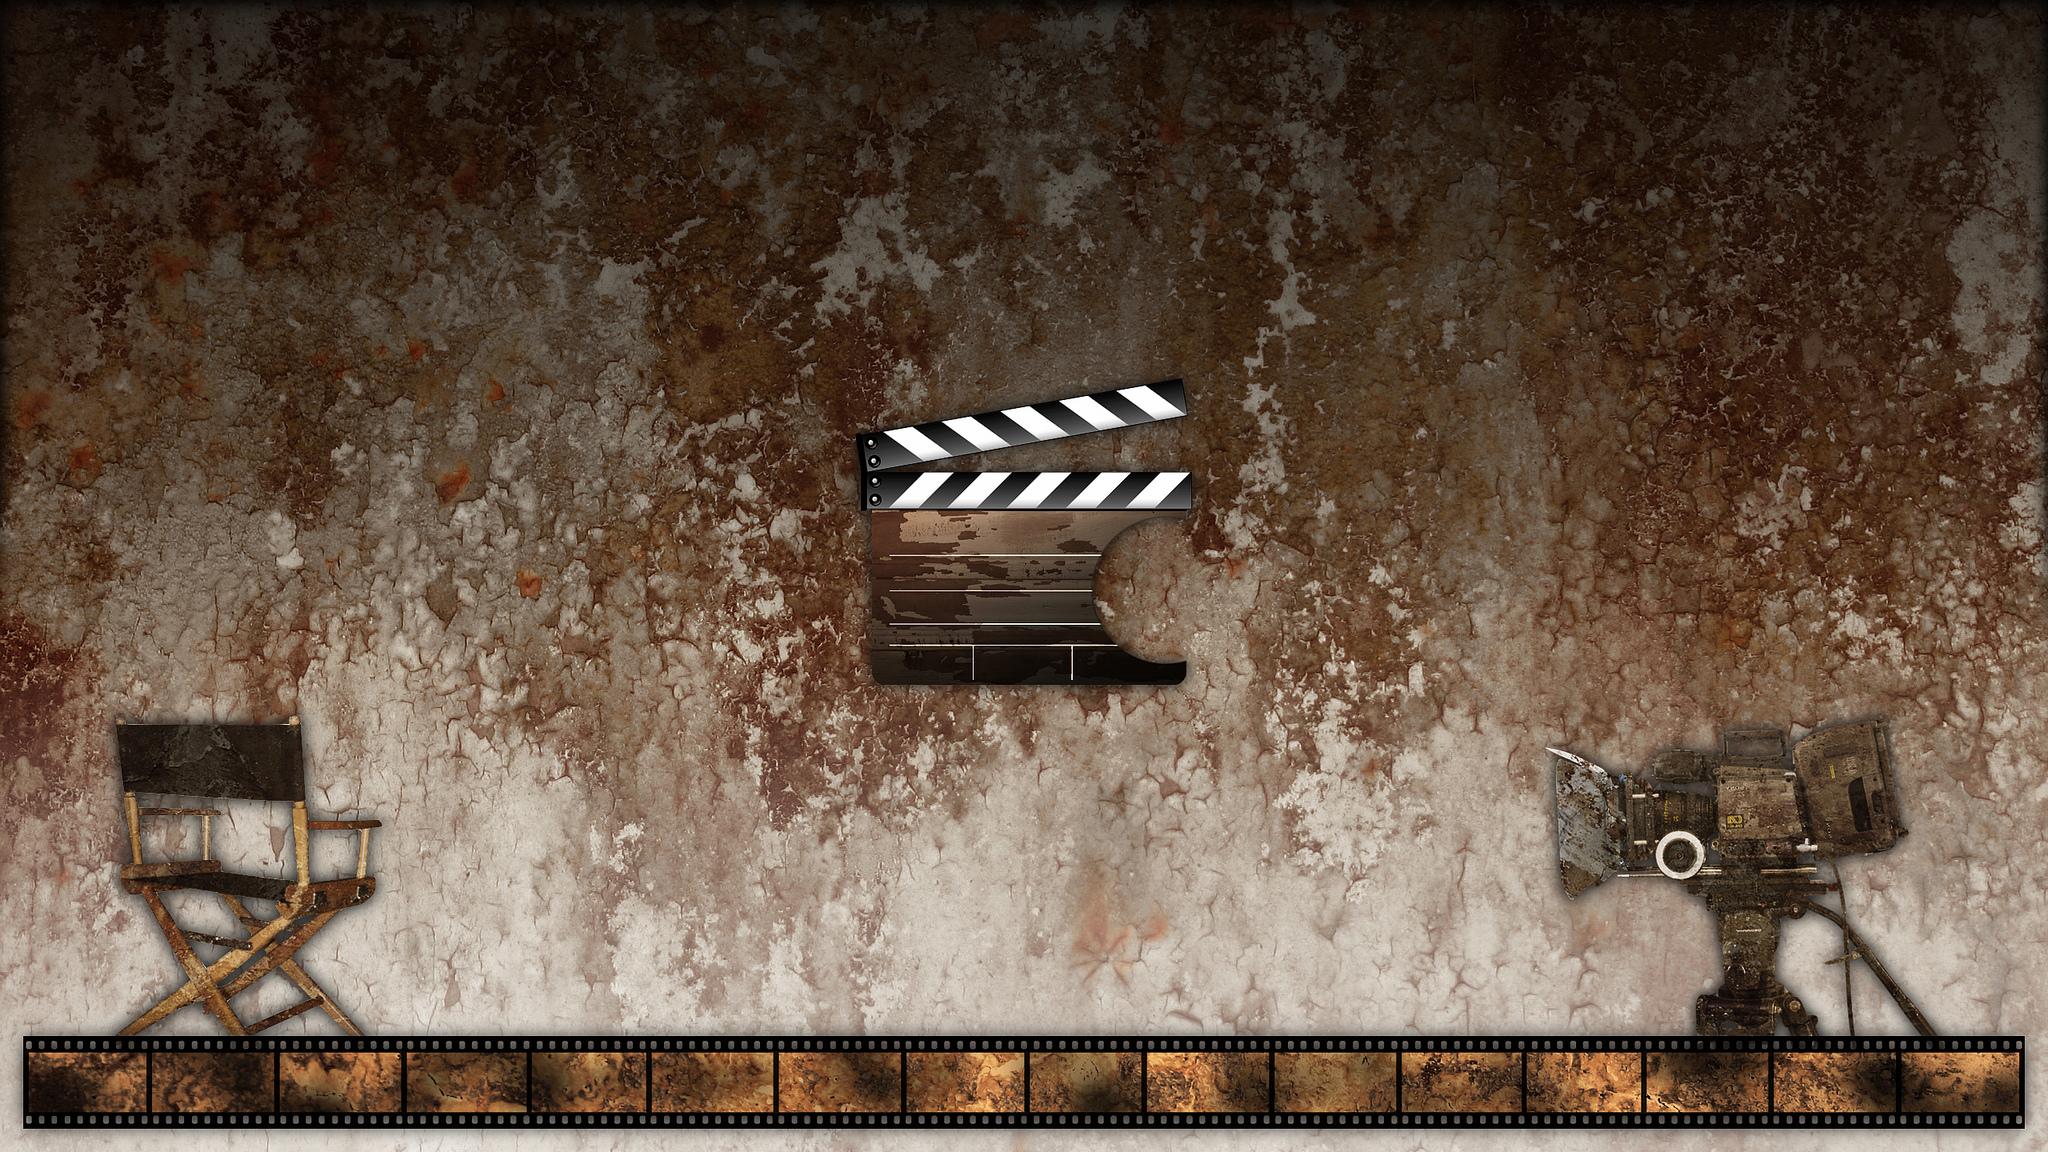 Silla de director de cine 2048x1152 fondo de pantalla 797 - Sillas director de cine ...